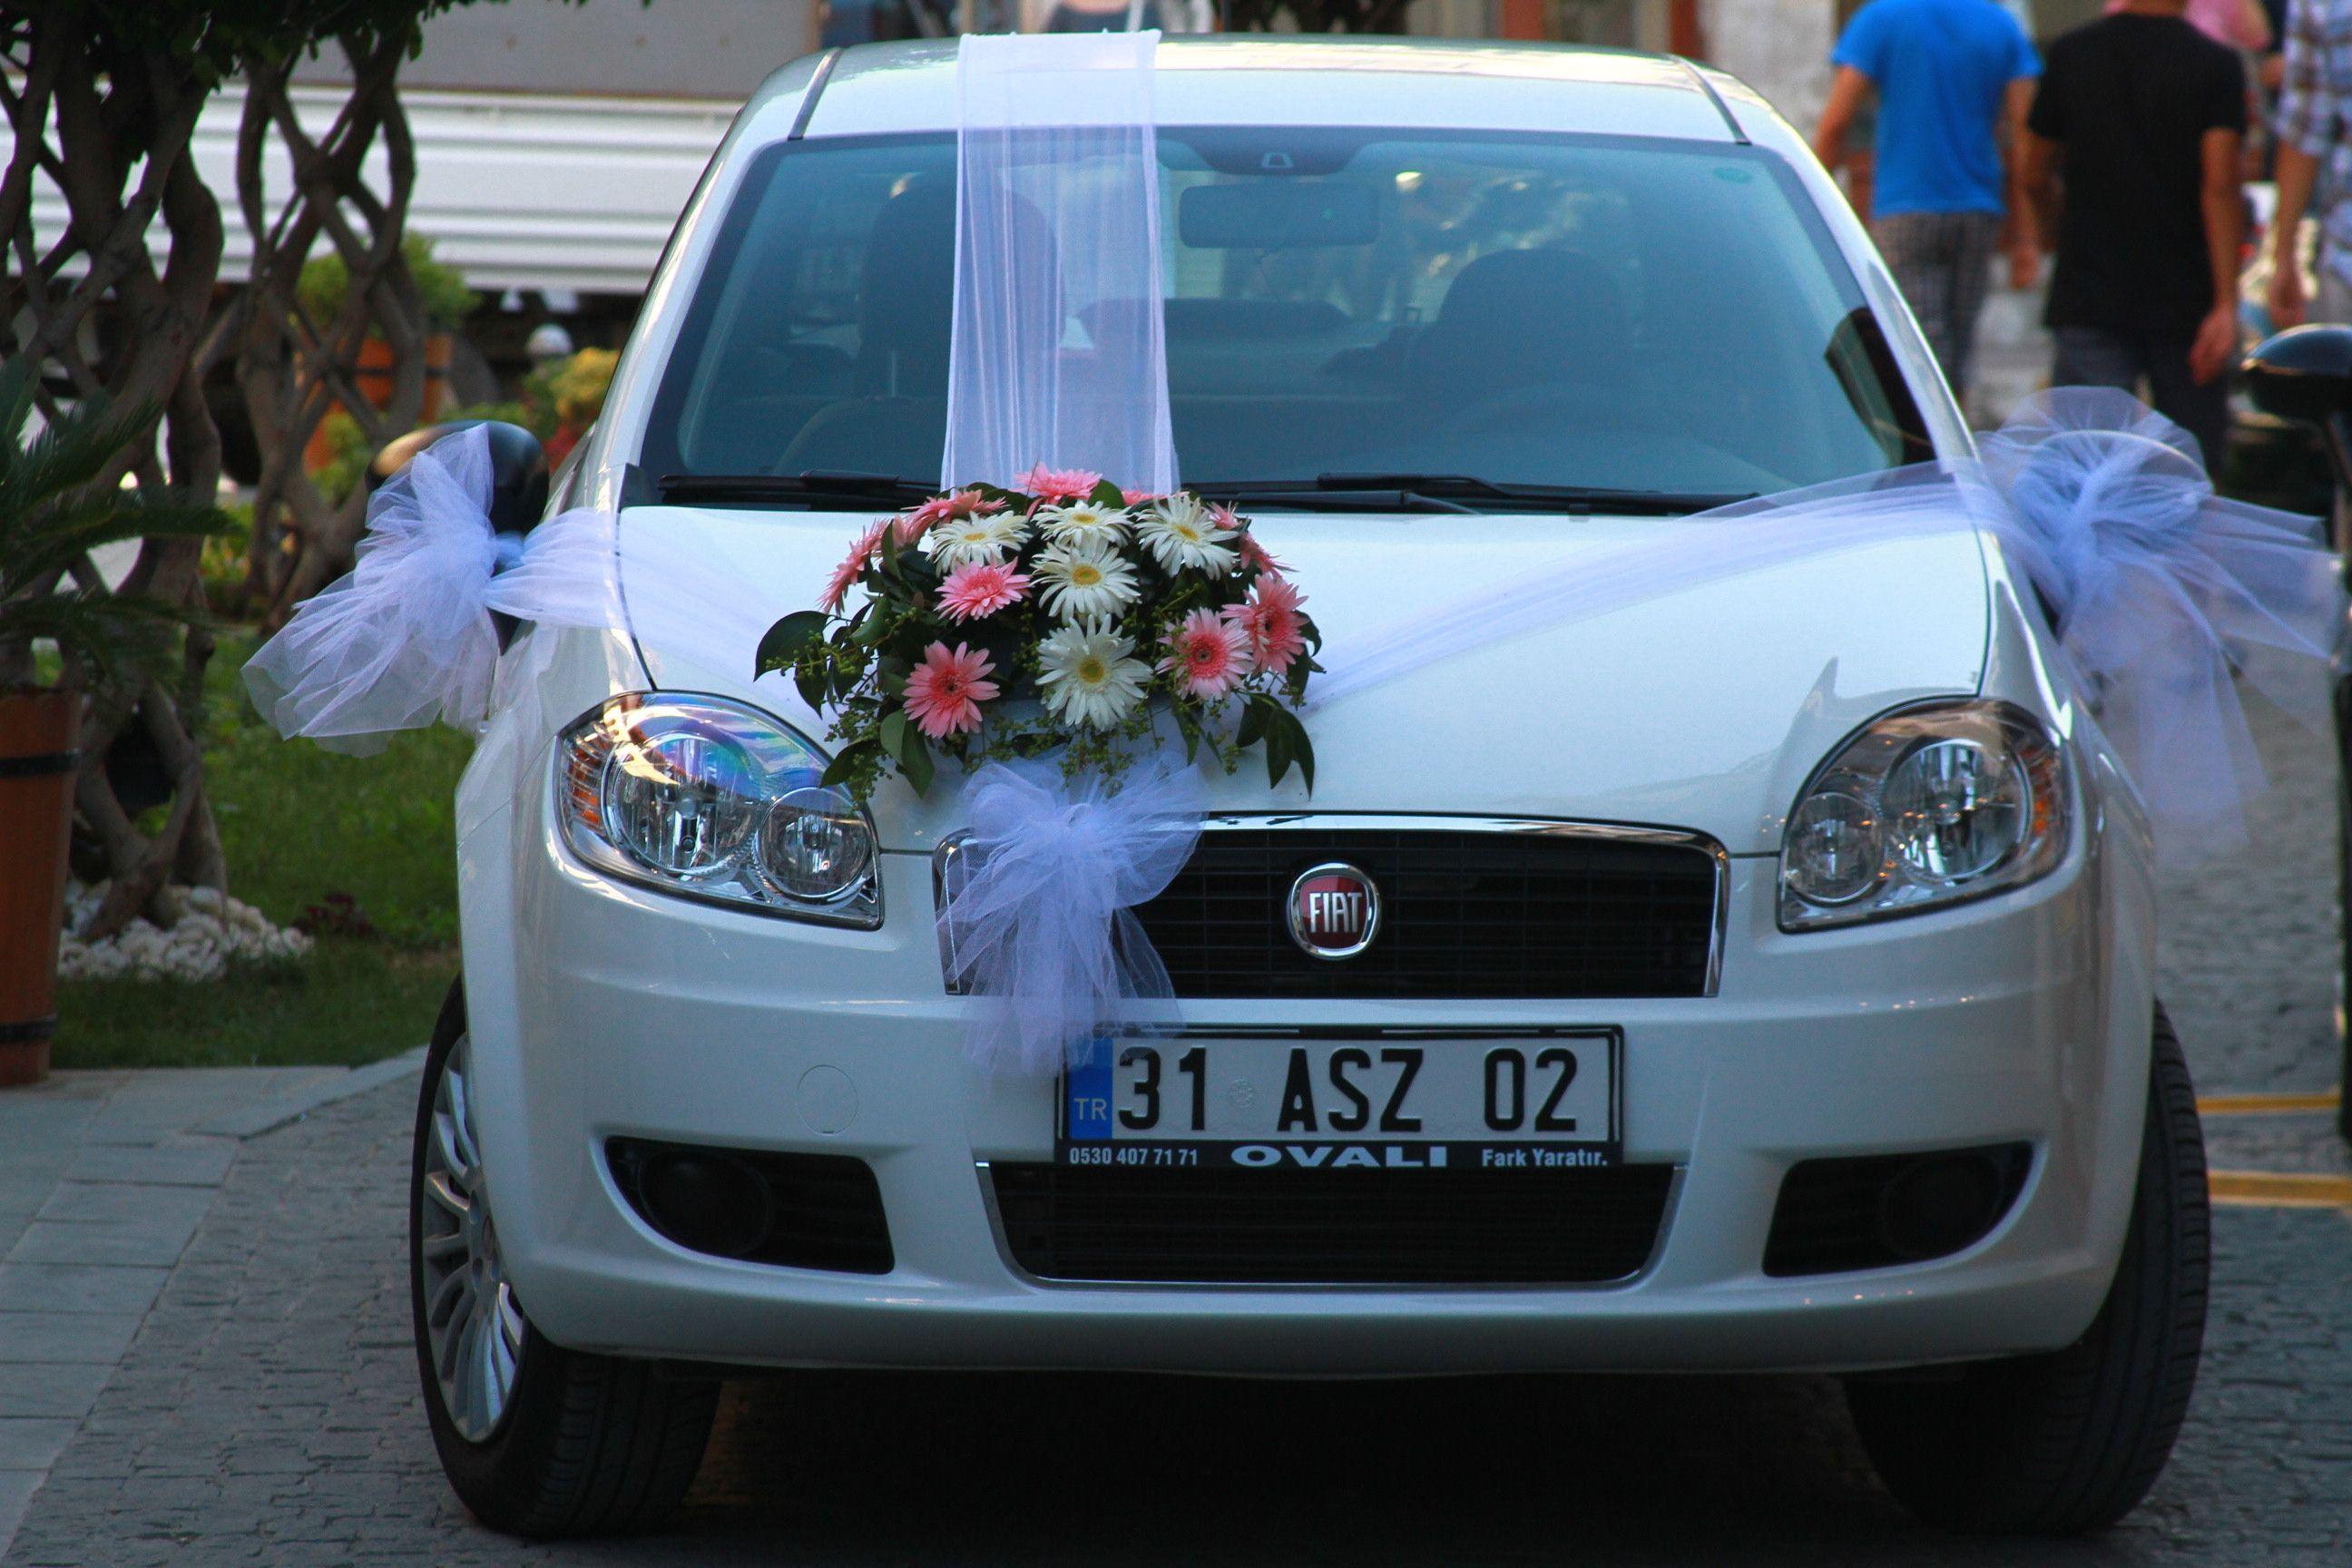 Fiat Linea Wedding Car Wedding Car Wedding Transportation Wedding